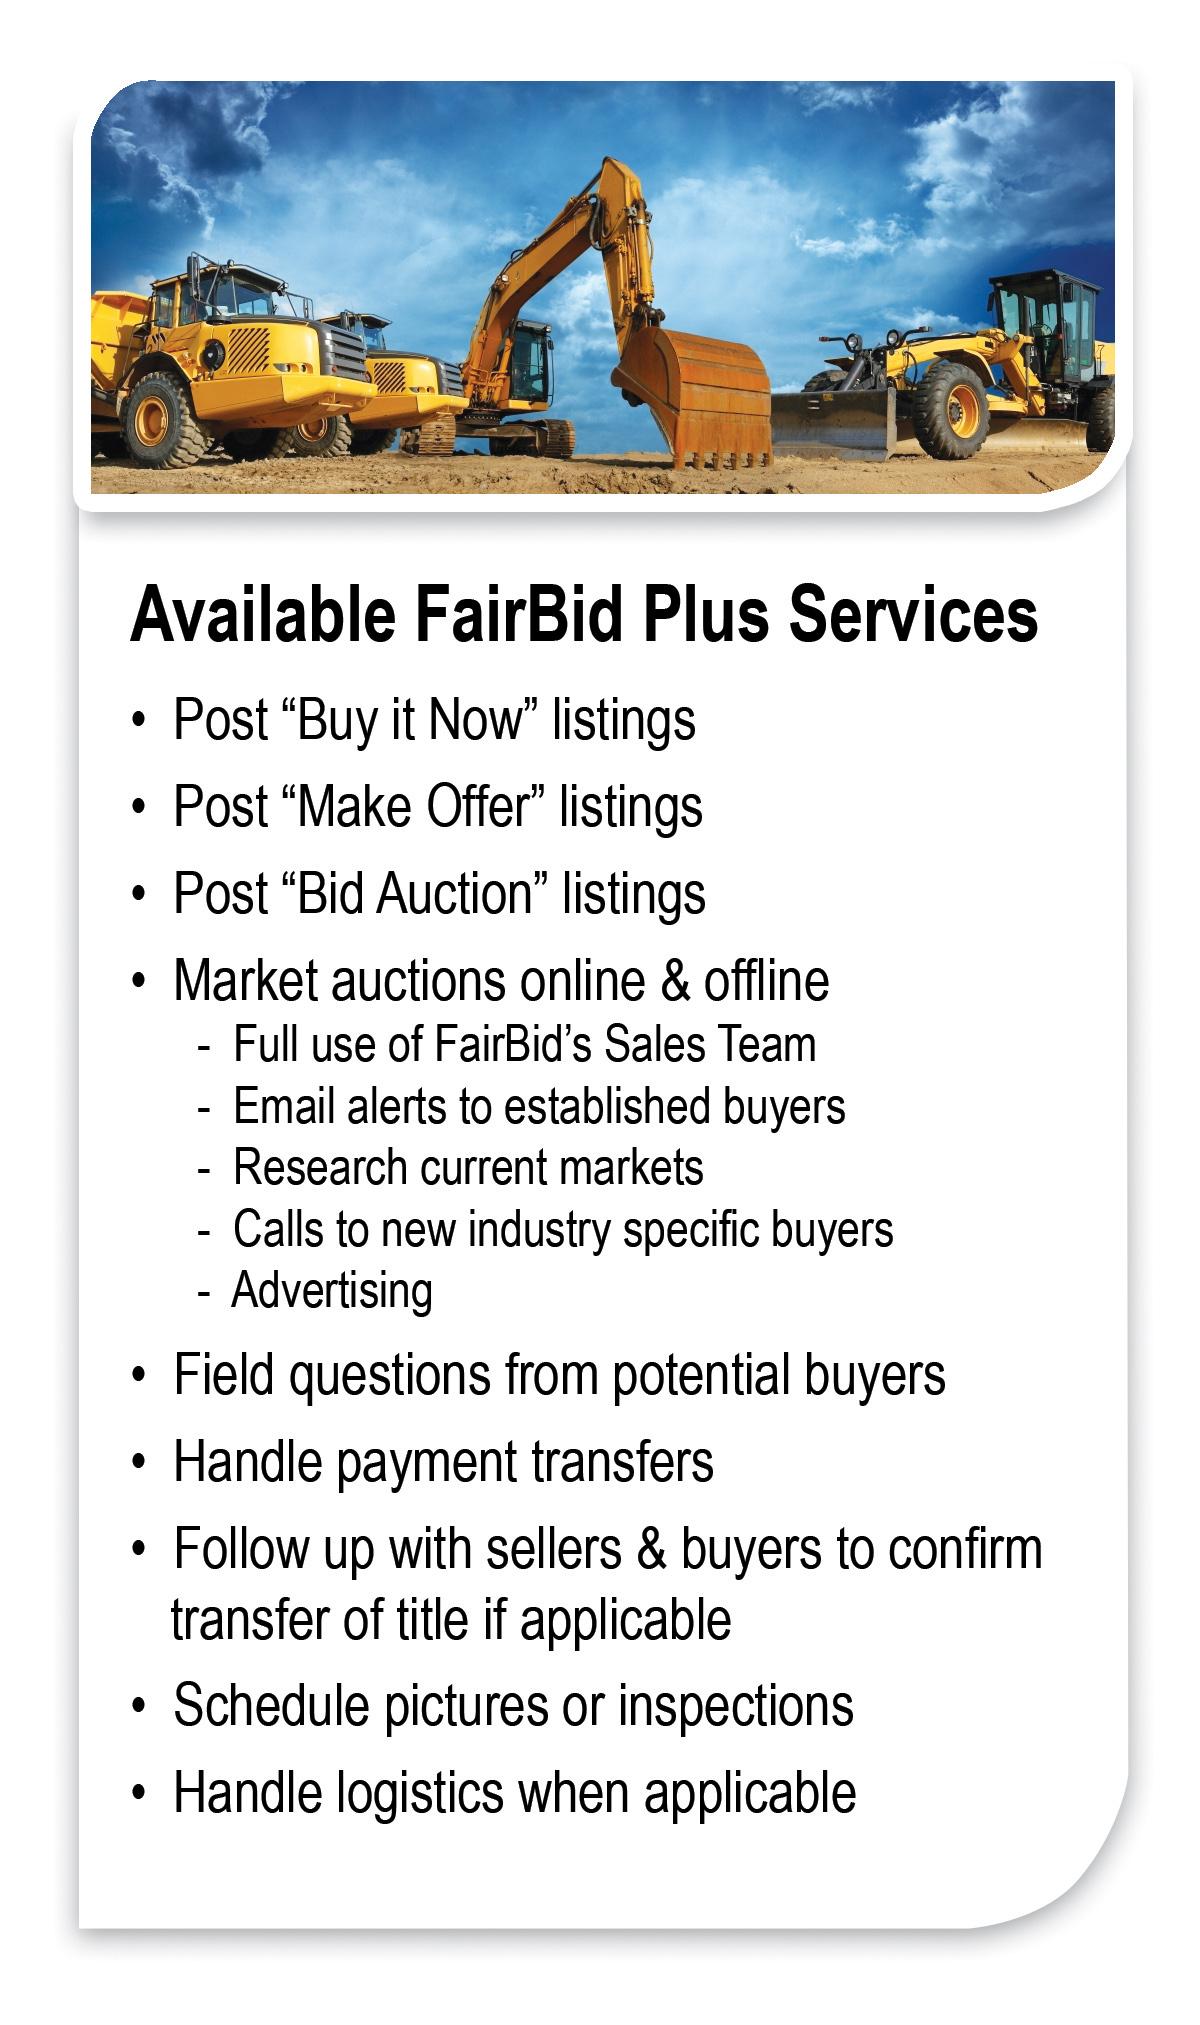 FairBid Edit image recreate